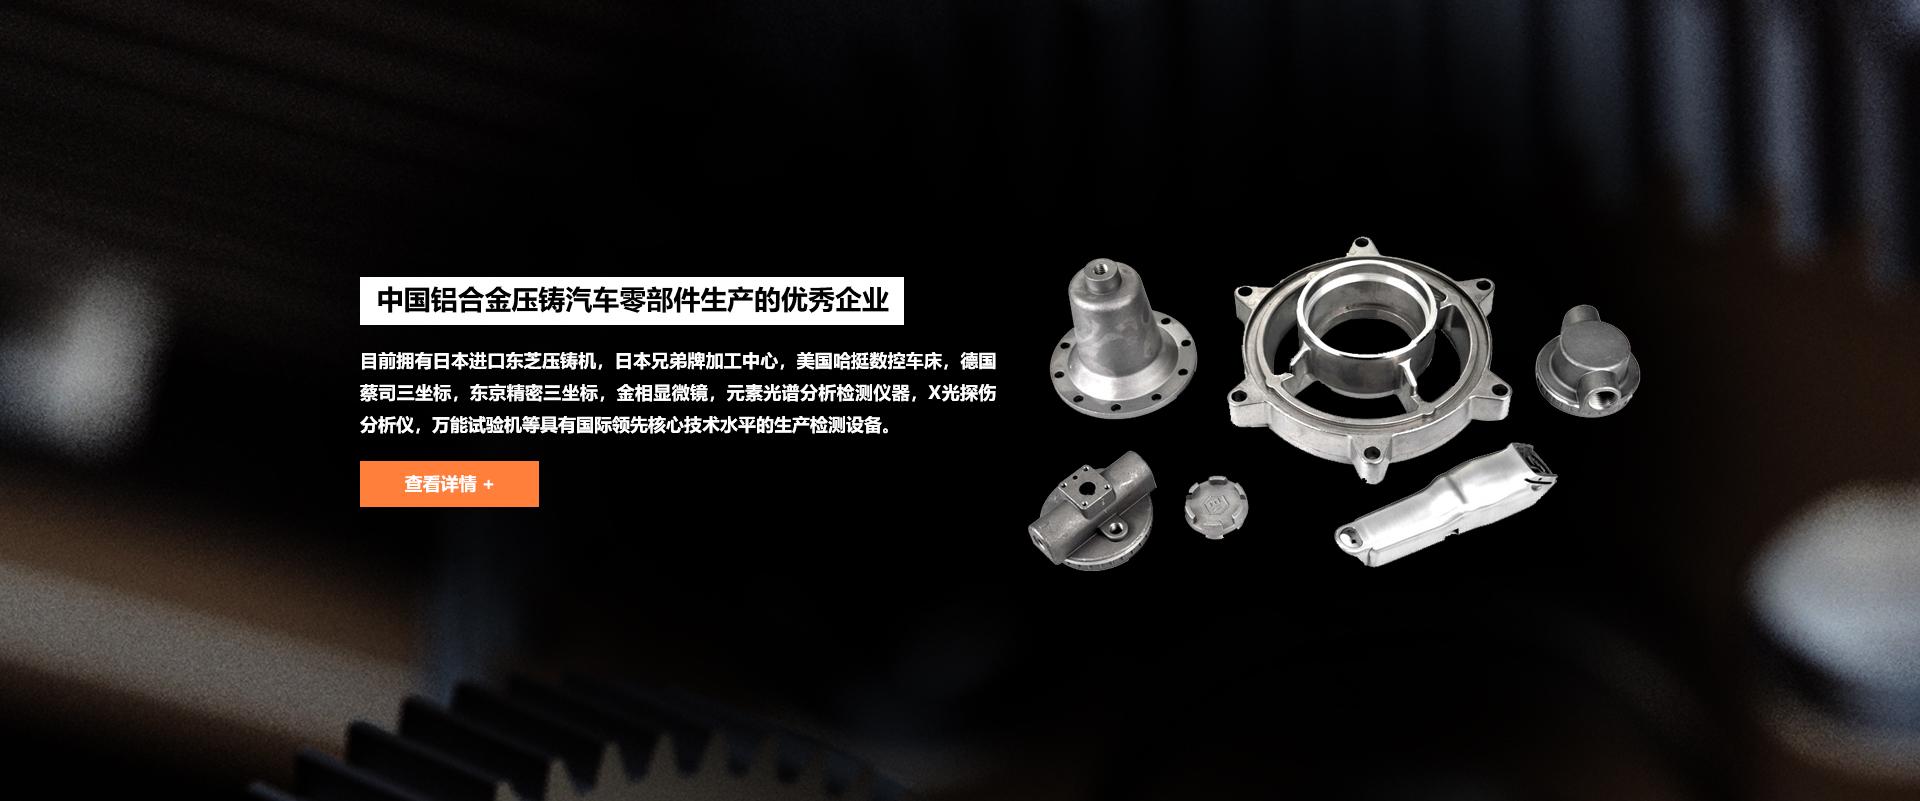 铝合金压铸厂家